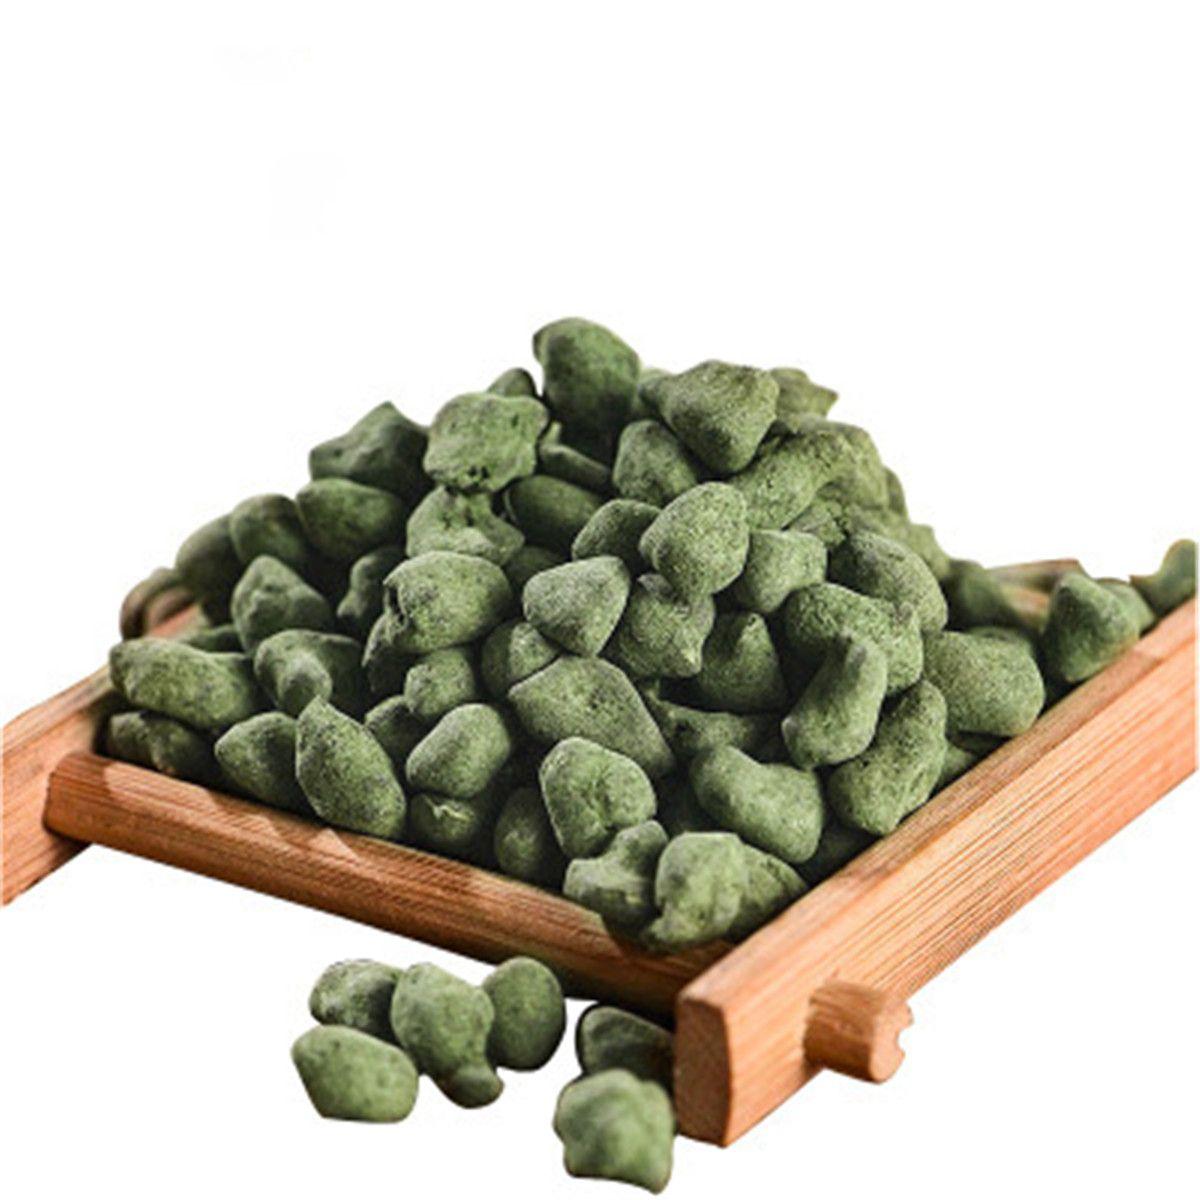 Preferência dos chineses Oolong orgânica do chá Taiwan Lan Gui Ren Ginseng Oolong Chá verde Saúde Nova Primavera chá verde Food